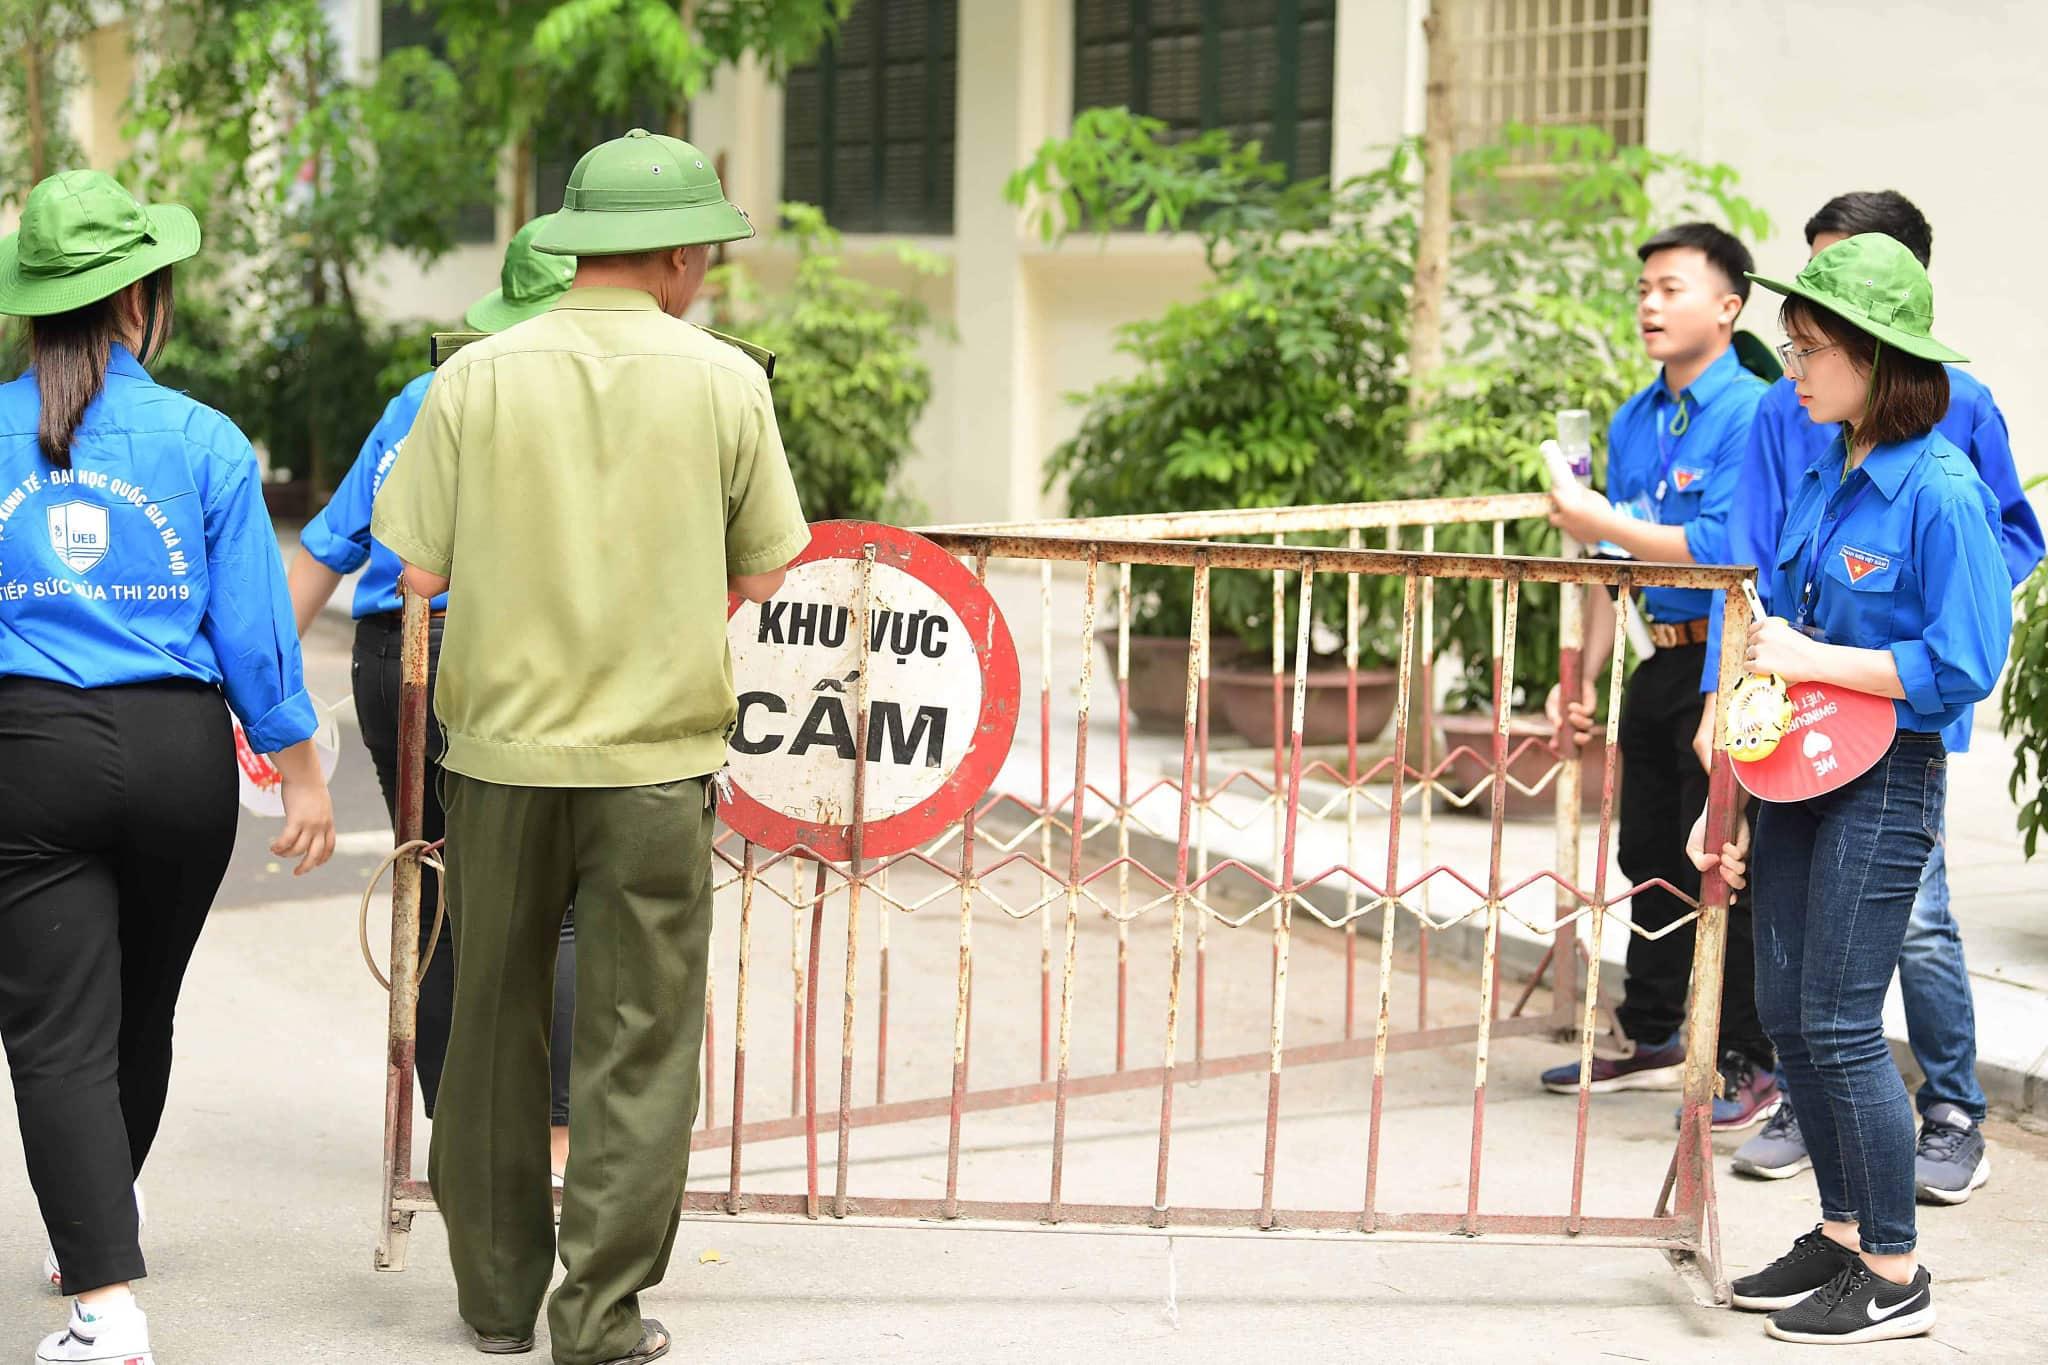 Thi THPT Quốc gia: Nội bất xuất, ngoại bất nhập